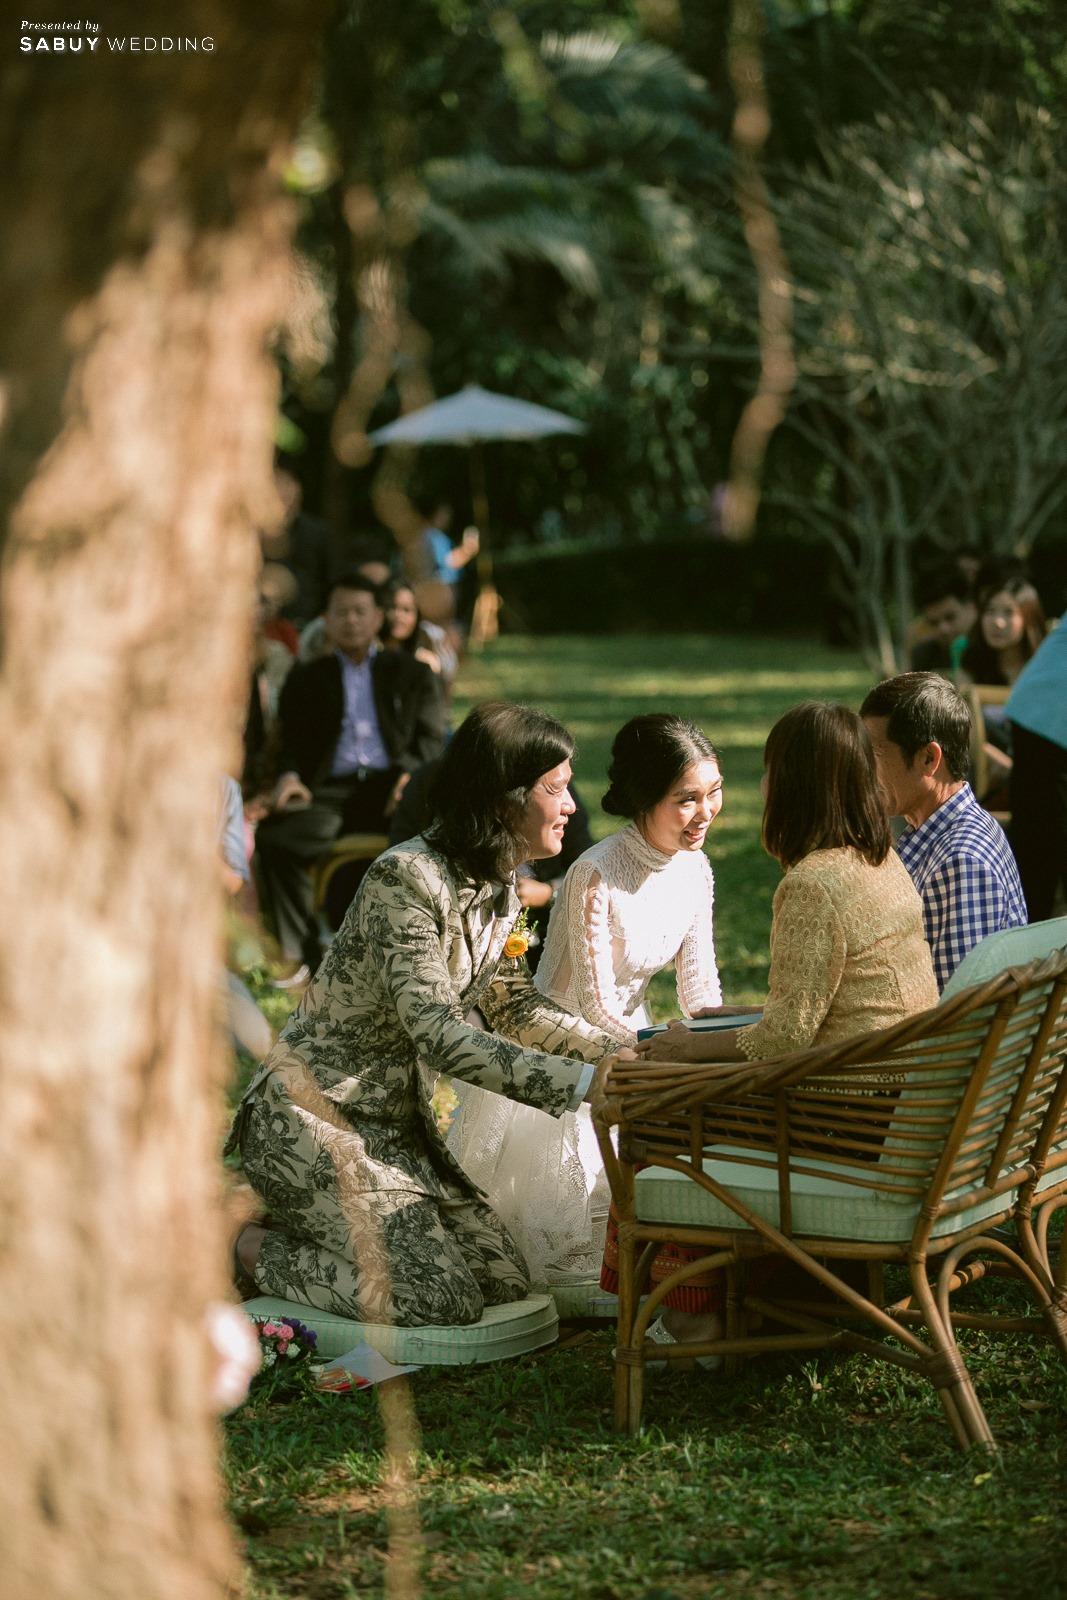 สถานที่แต่งงาน,ชุดบ่าวสาว รีวิวงานแต่ง Outdoor บรรยากาศอบอุ่น ดีไซน์คุมธีมธรรมชาติ @ Lampang River Lodge